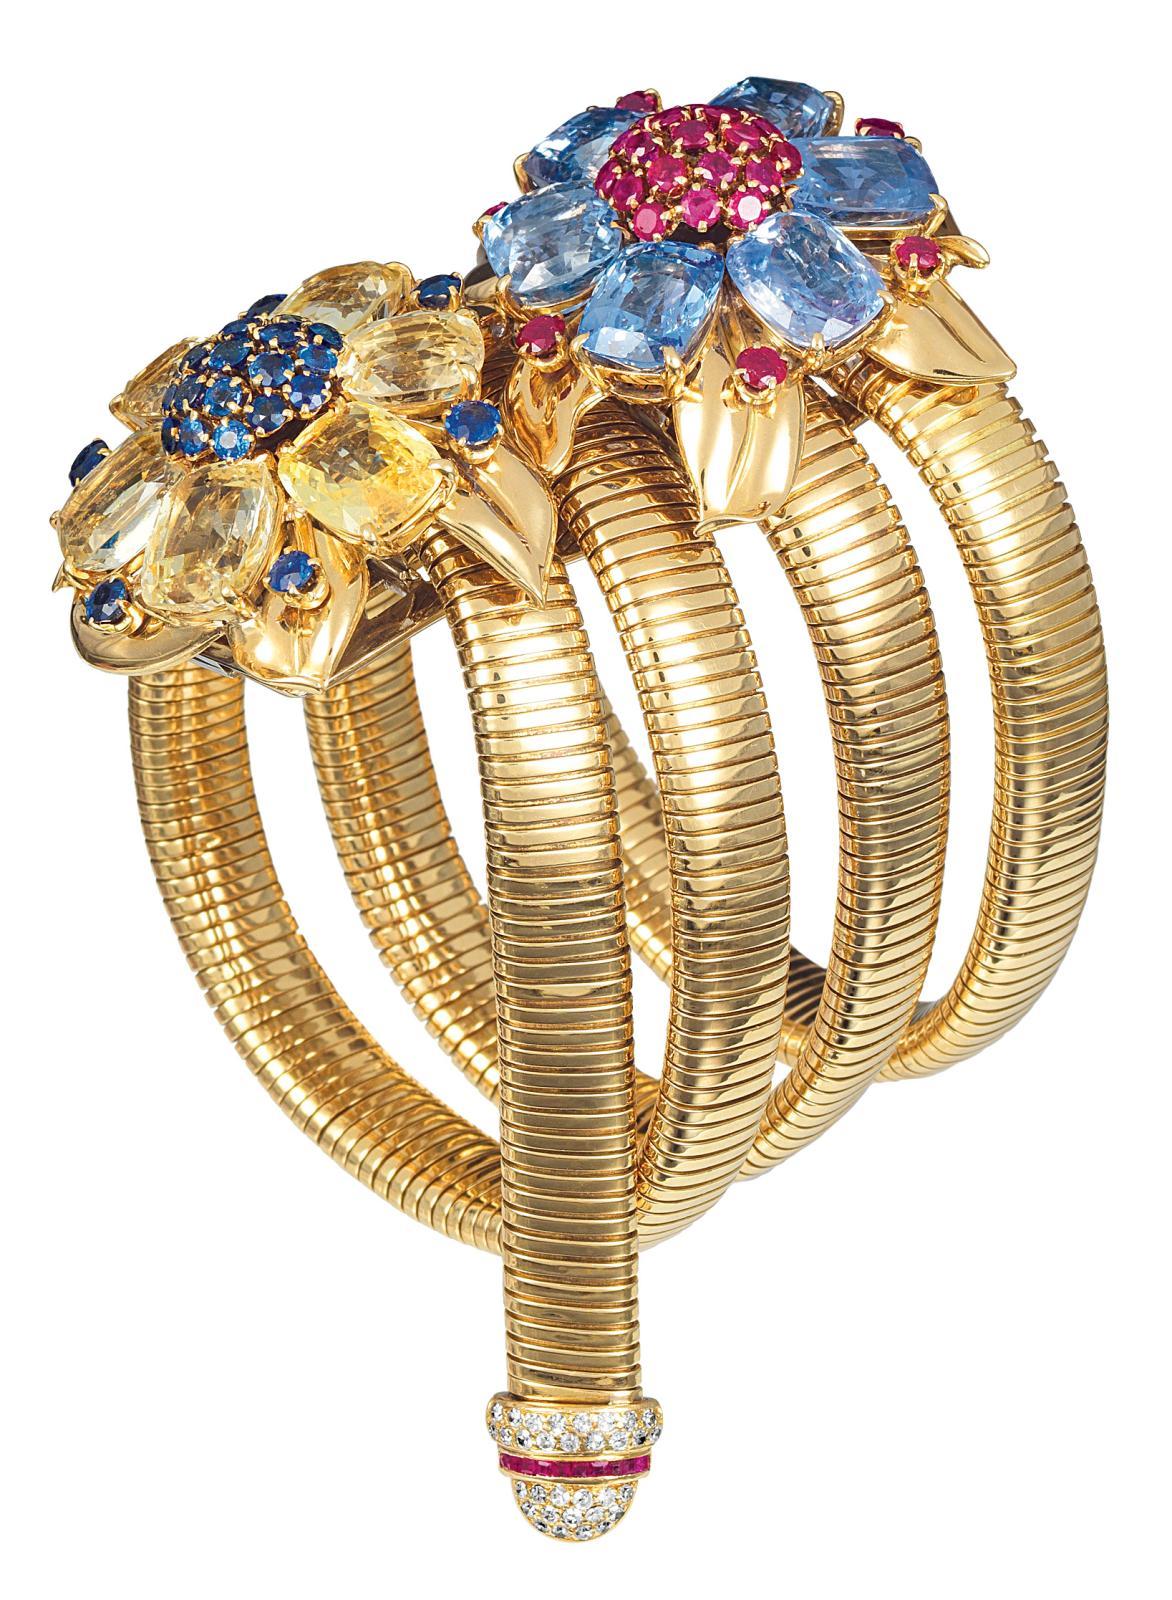 Van Cleef & Arpels, bracelet passe-partouten tubogas et clips, 1939, or, saphirs,rubis et diamants, transformableen collier ou en ceintu